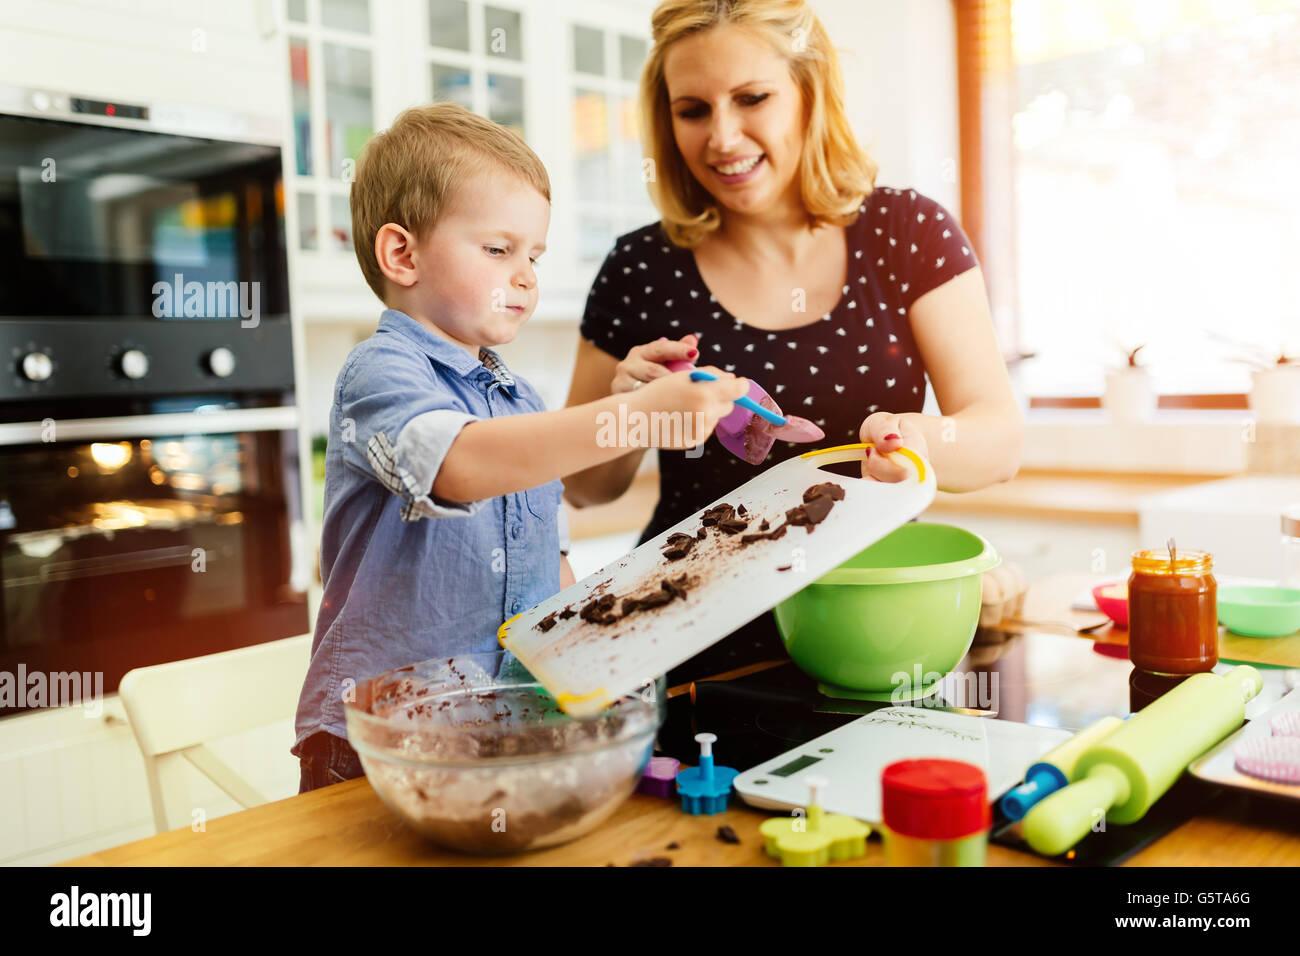 Schönes Kind und Mutter in der Küche mit Liebe Backen Stockbild